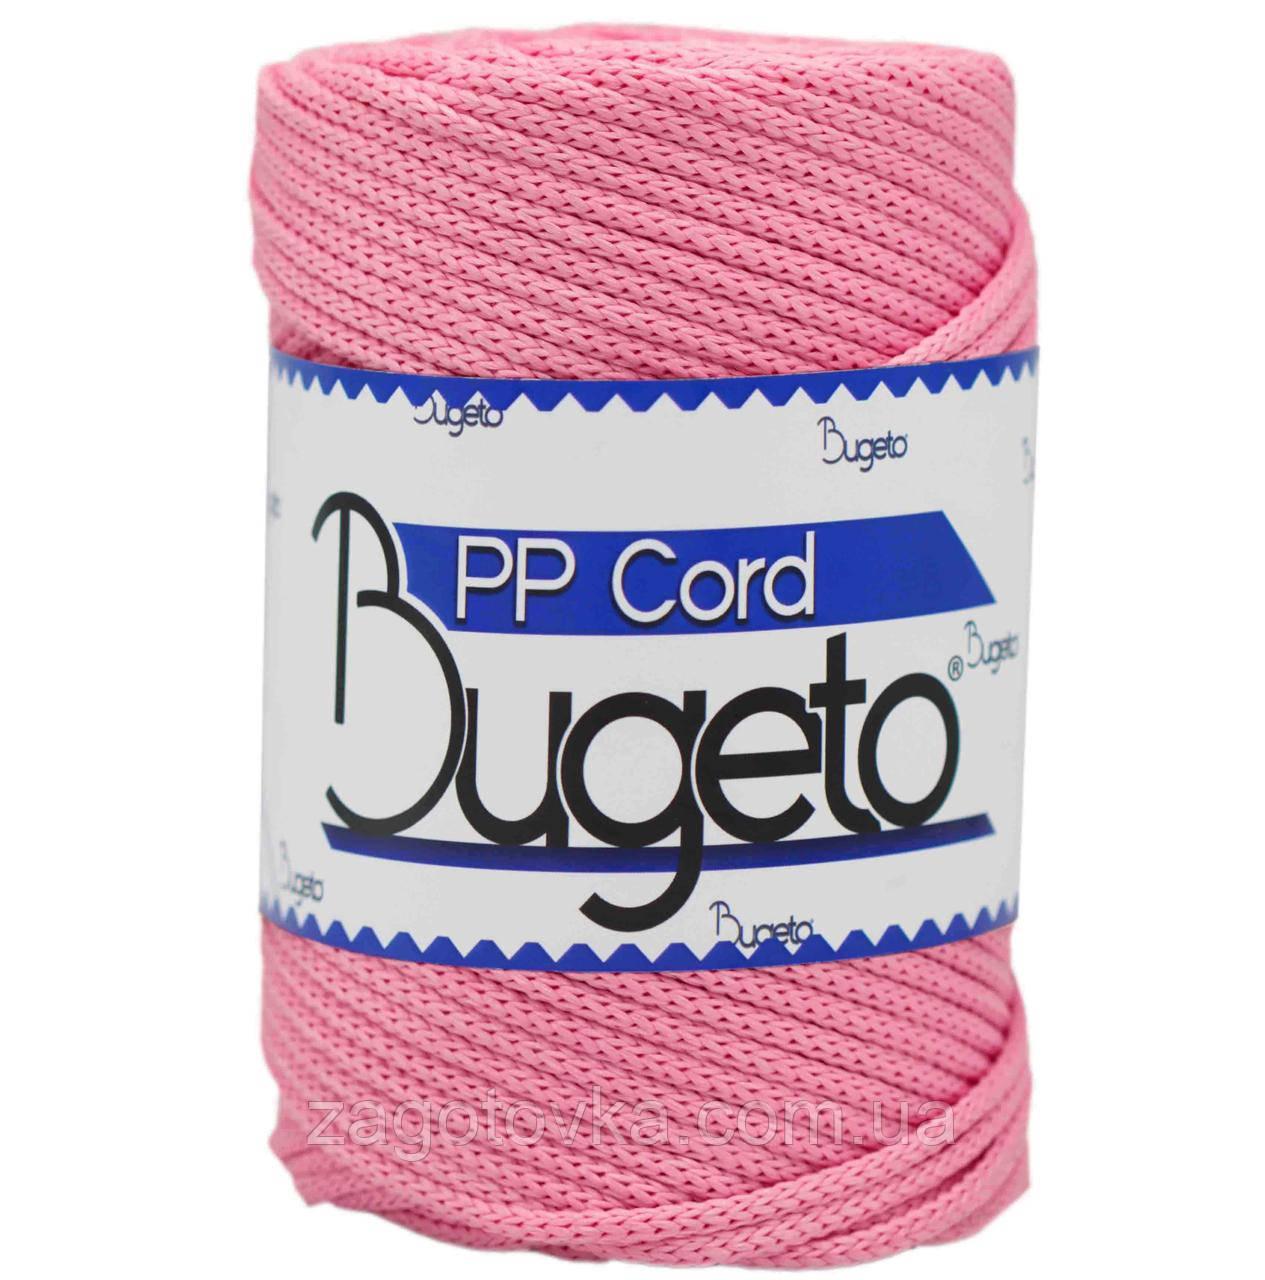 Полипропиленовый шнур Bugeto PP Cord 5mm, цвет Розовый